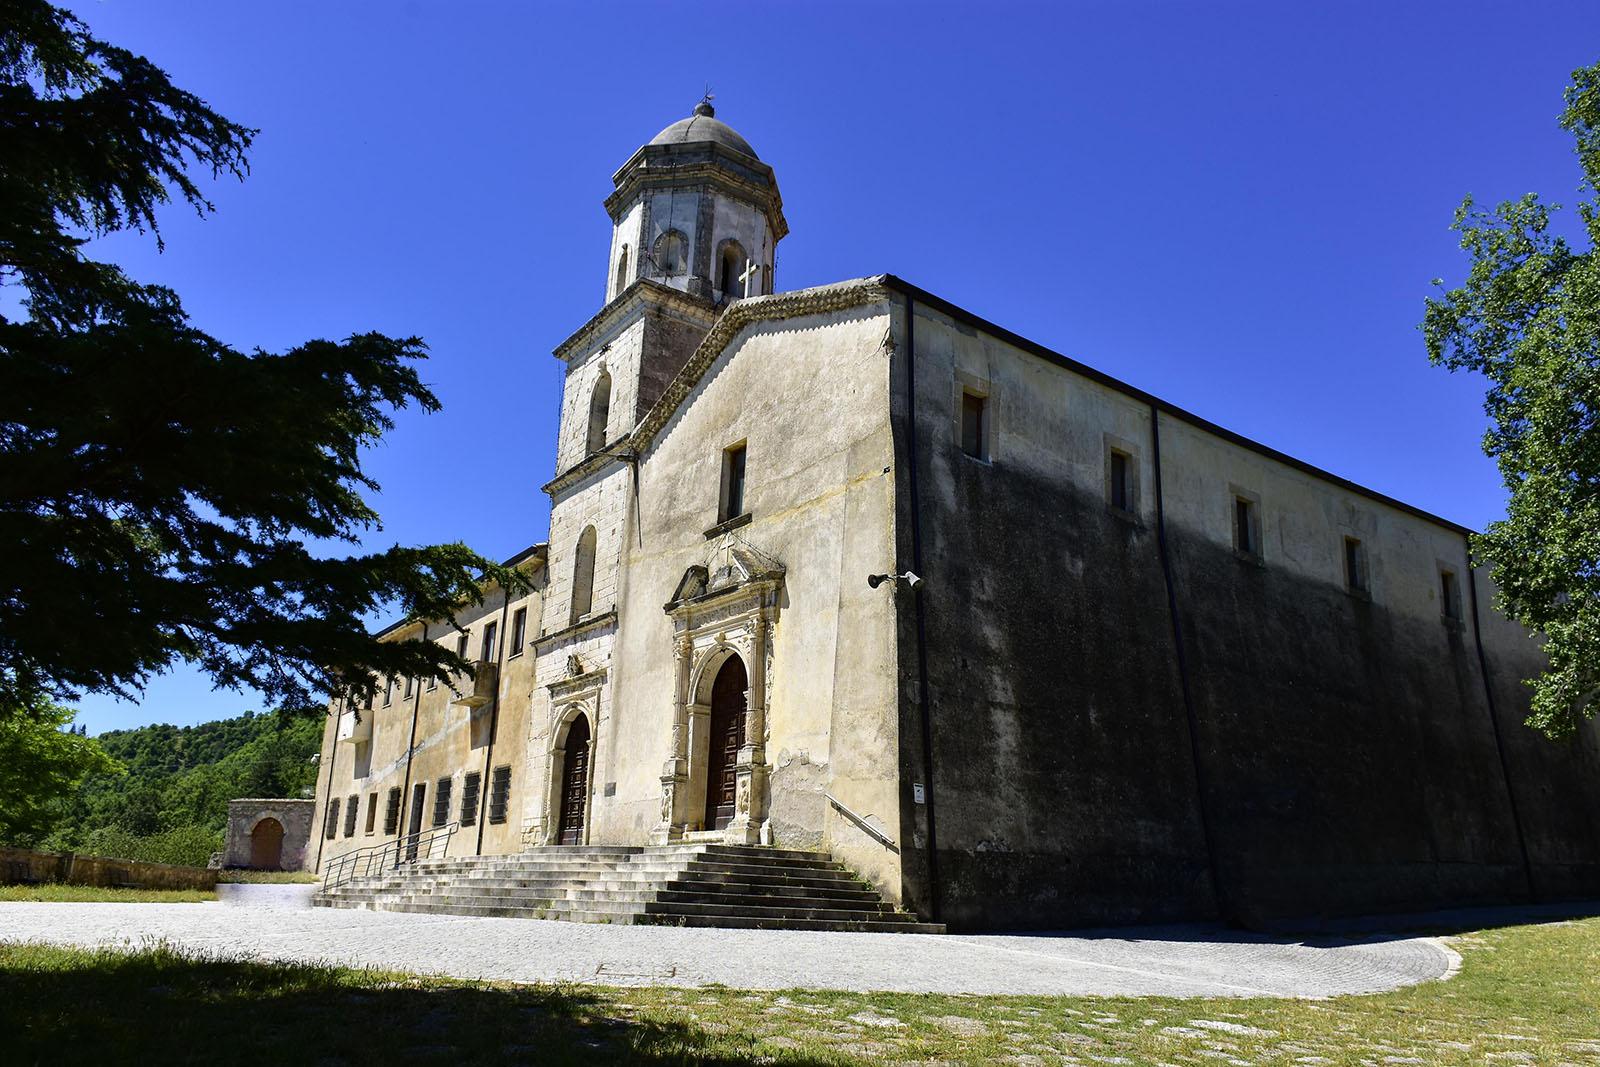 Convento Santa Spina